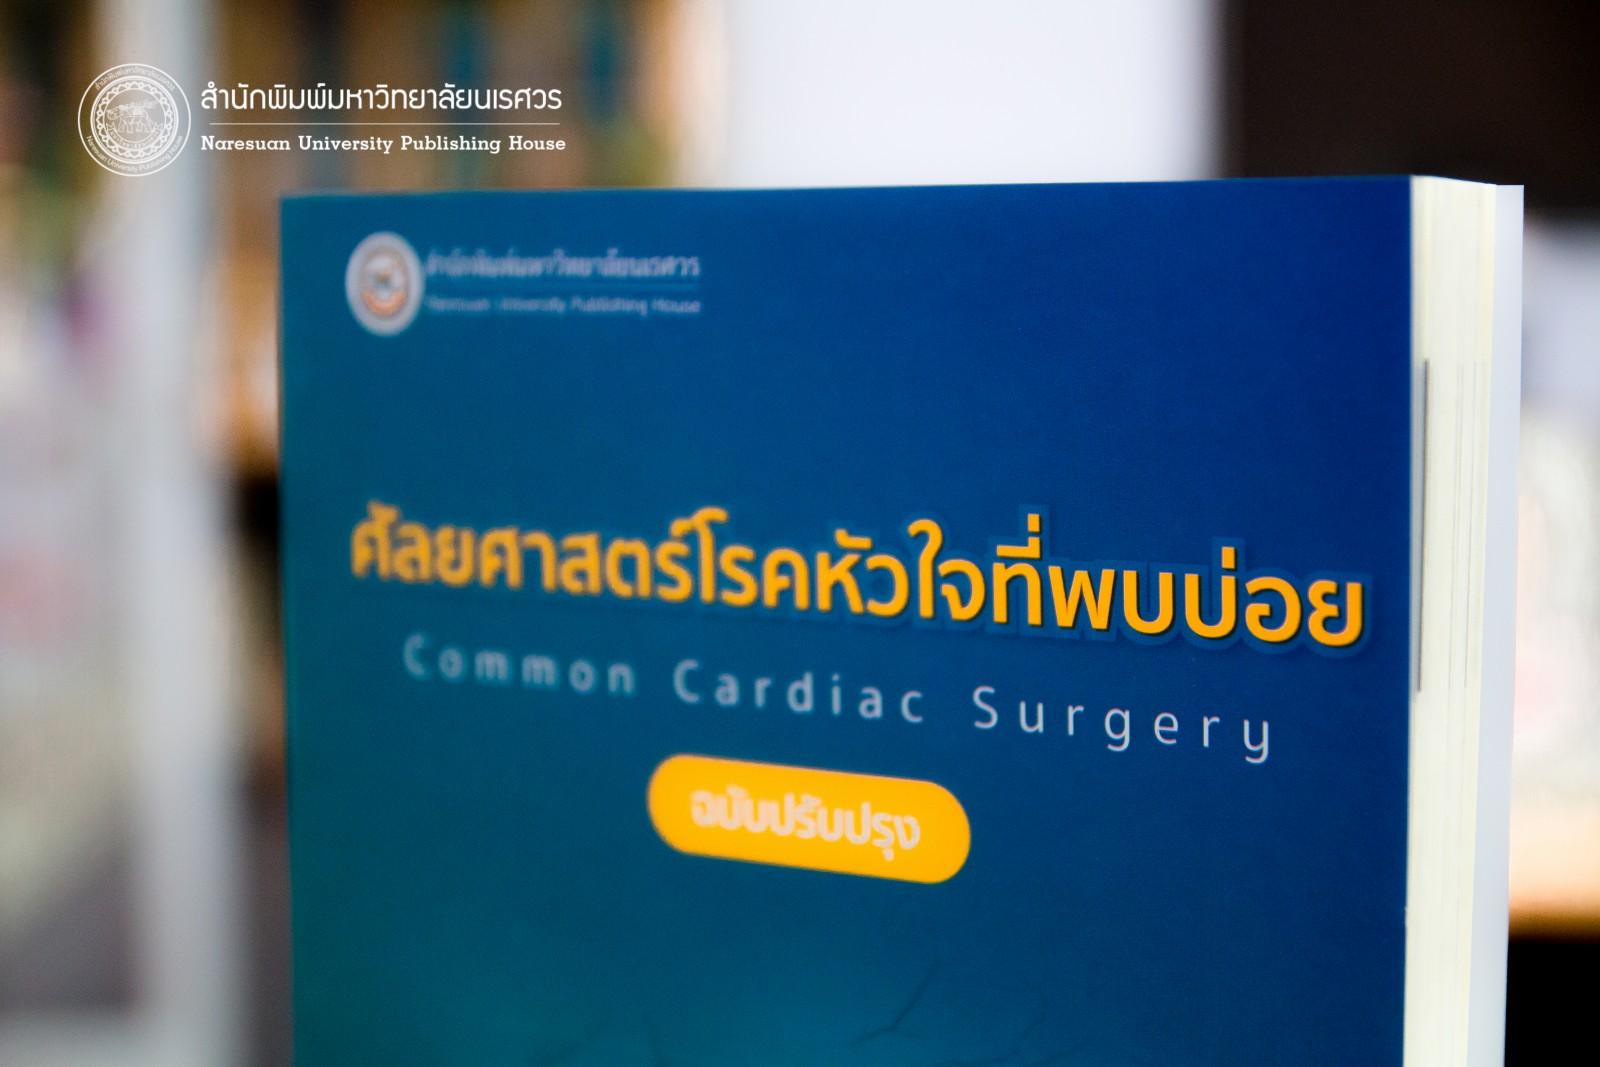 ศัลยศาสตร์โรคหัวใจที่พบบ่อย Common Cardiac surgery (ฉบับปรับปรุง)